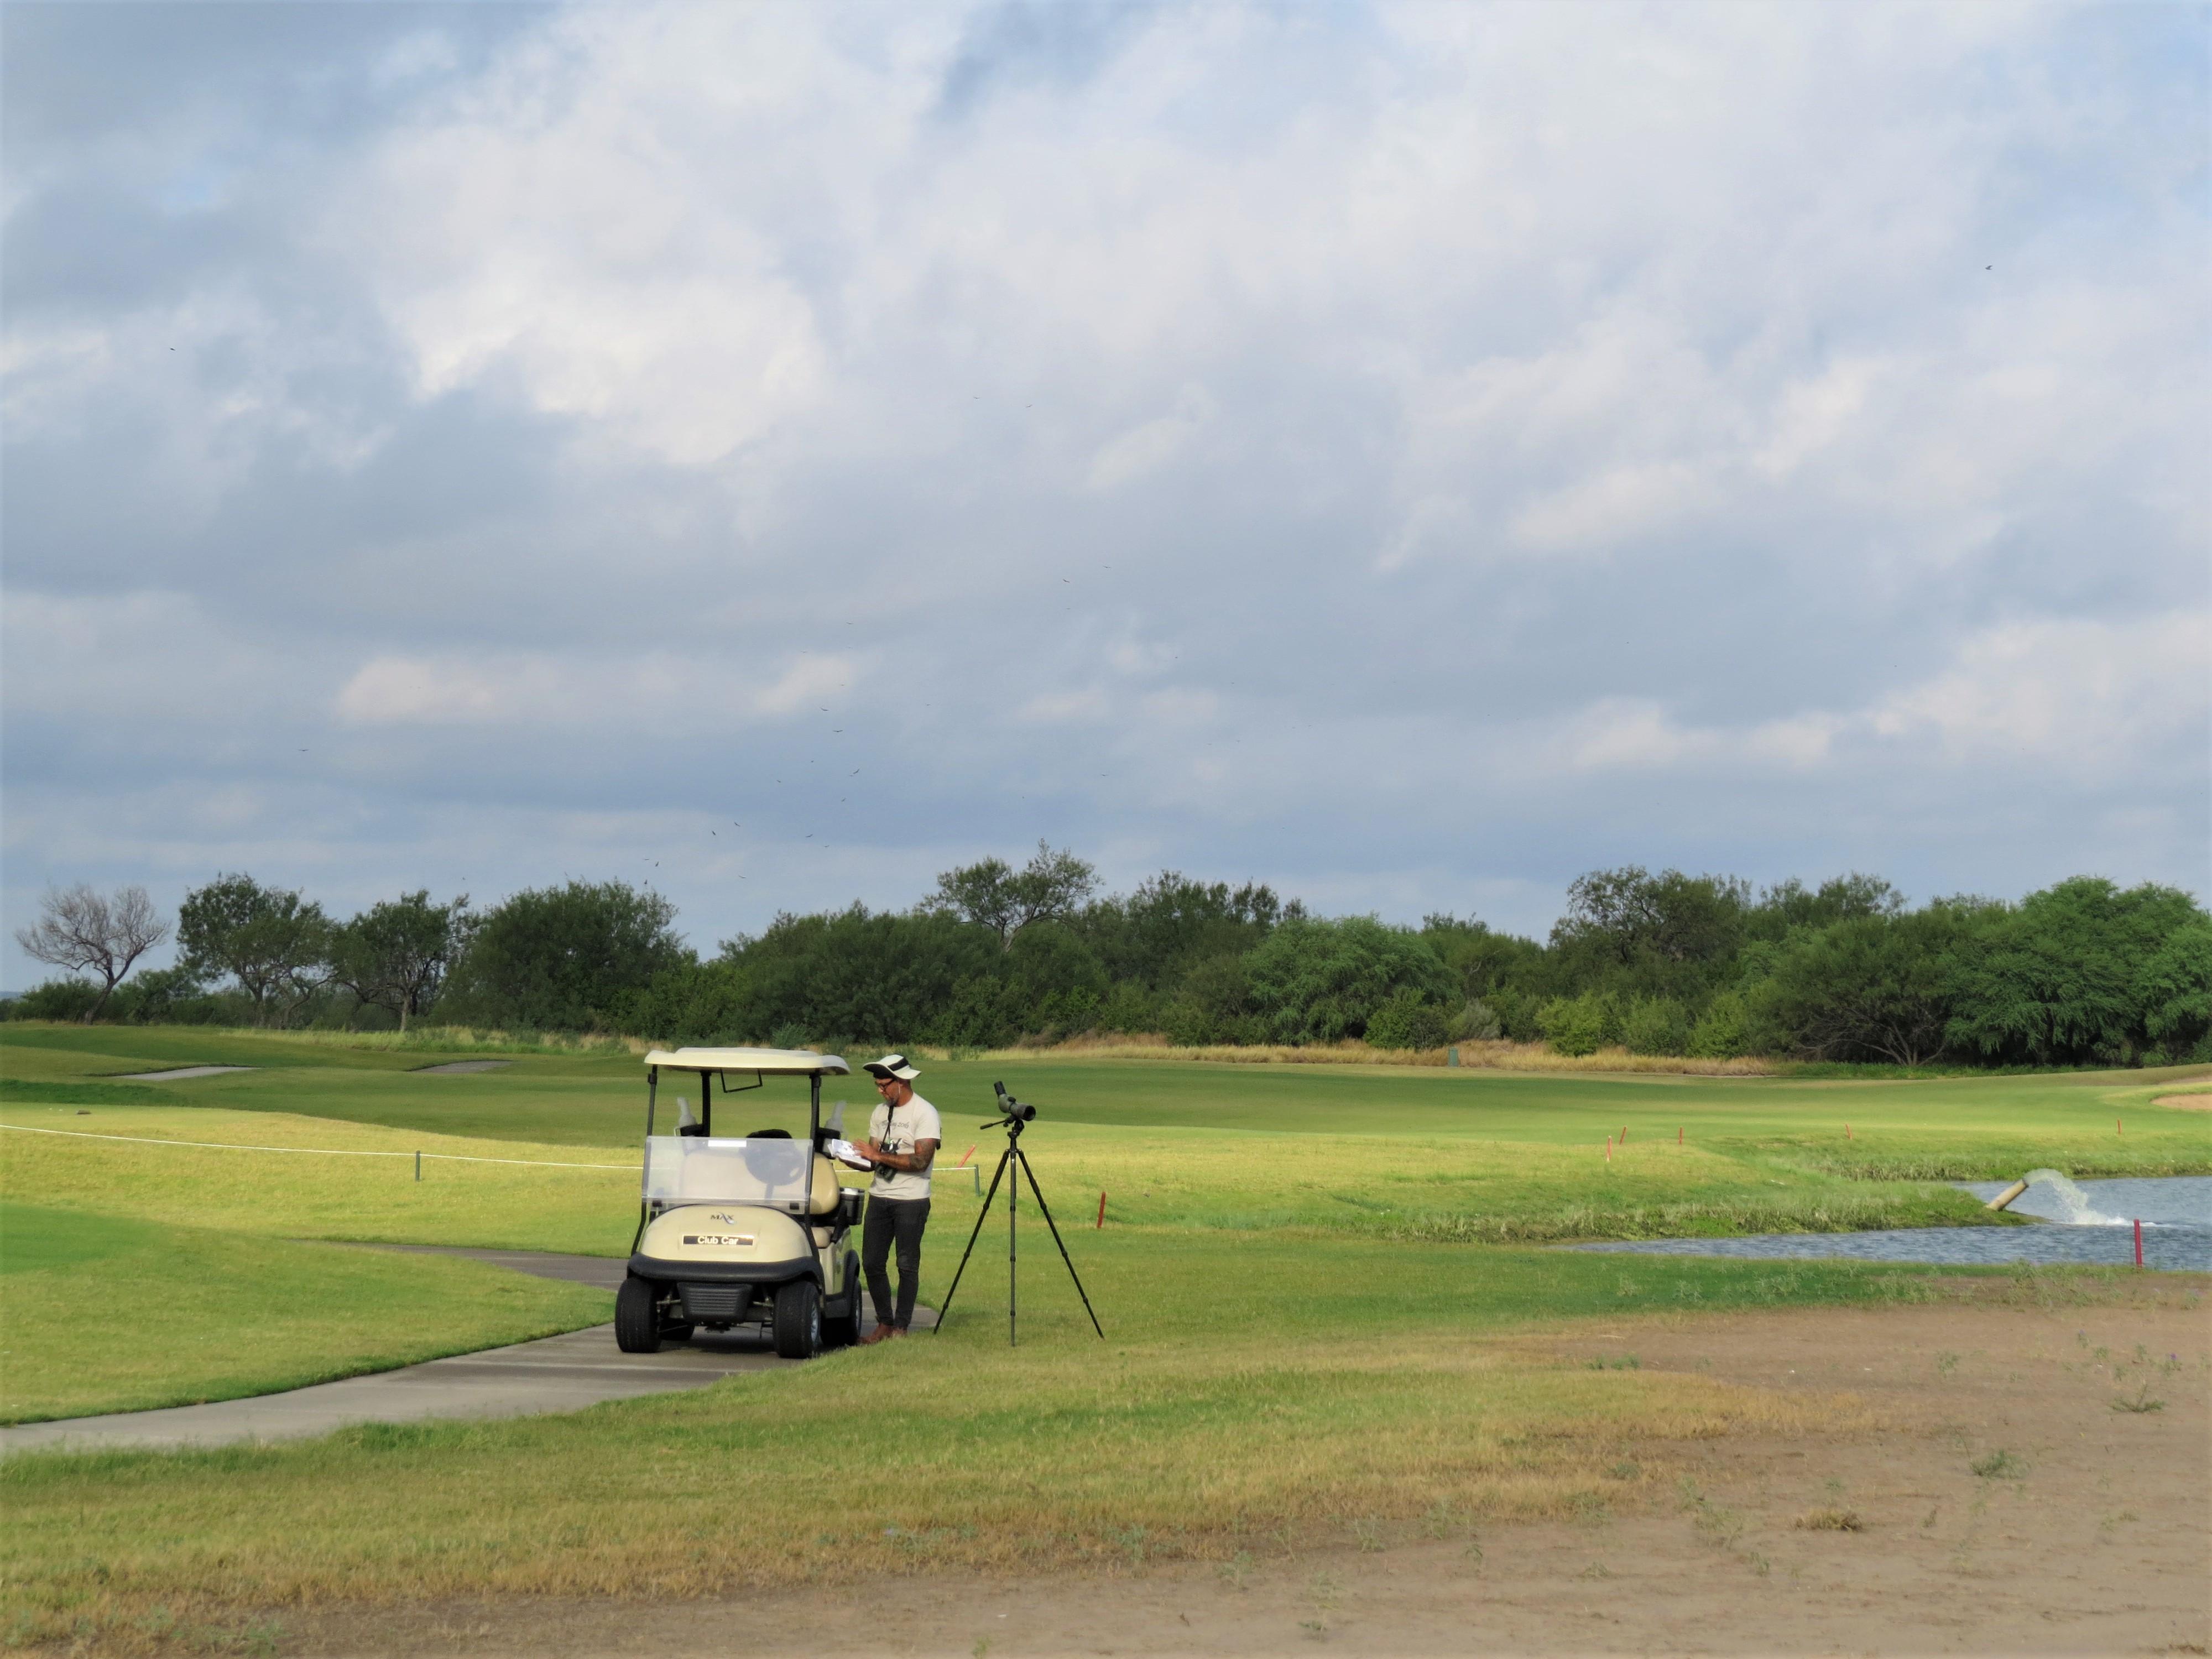 Birding by golf cart